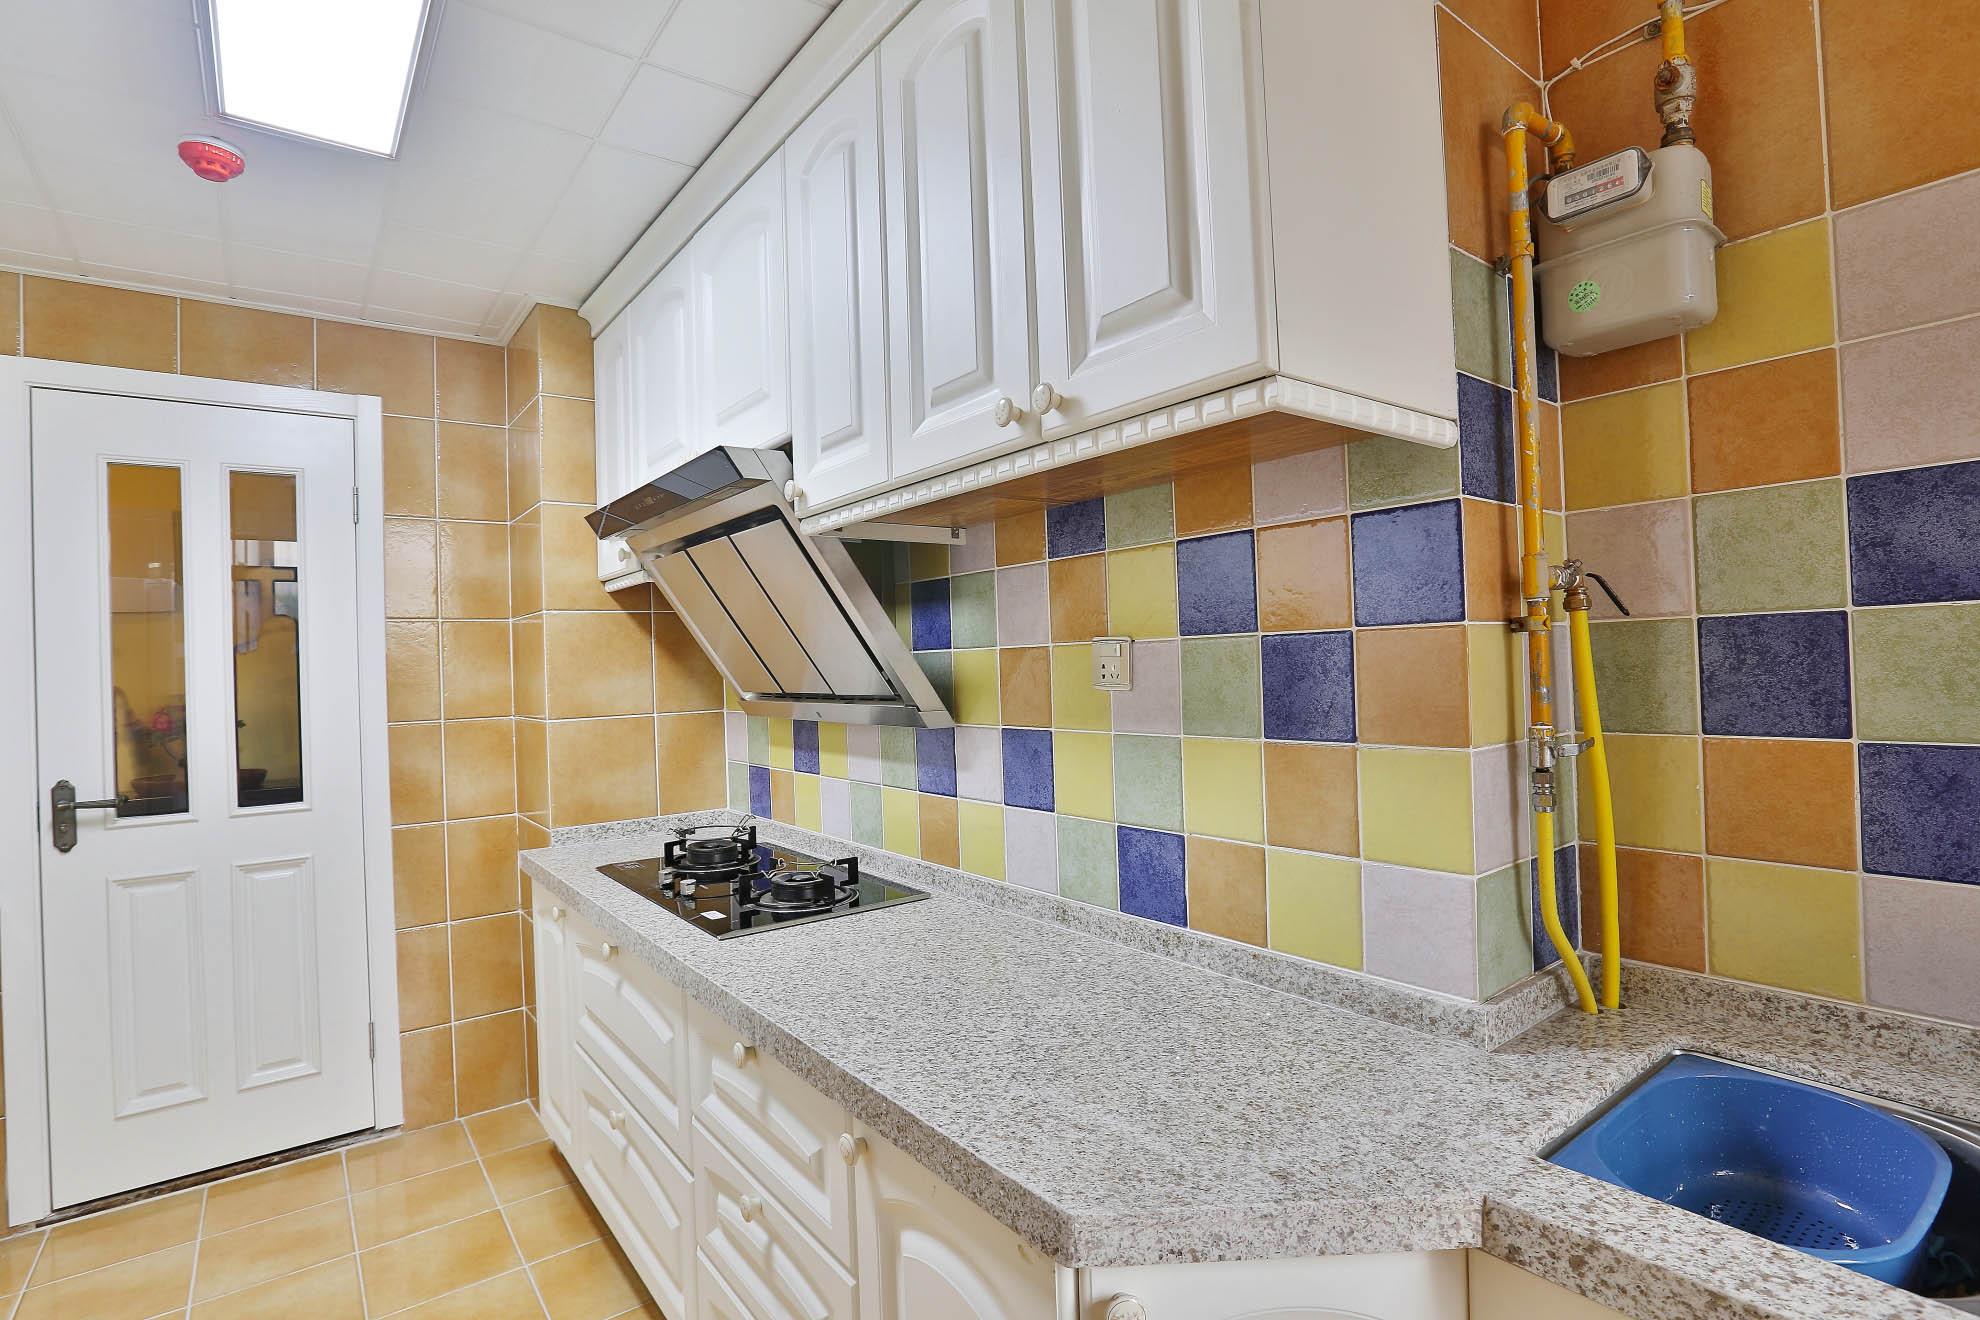 美式乡村风格家厨房装潢图